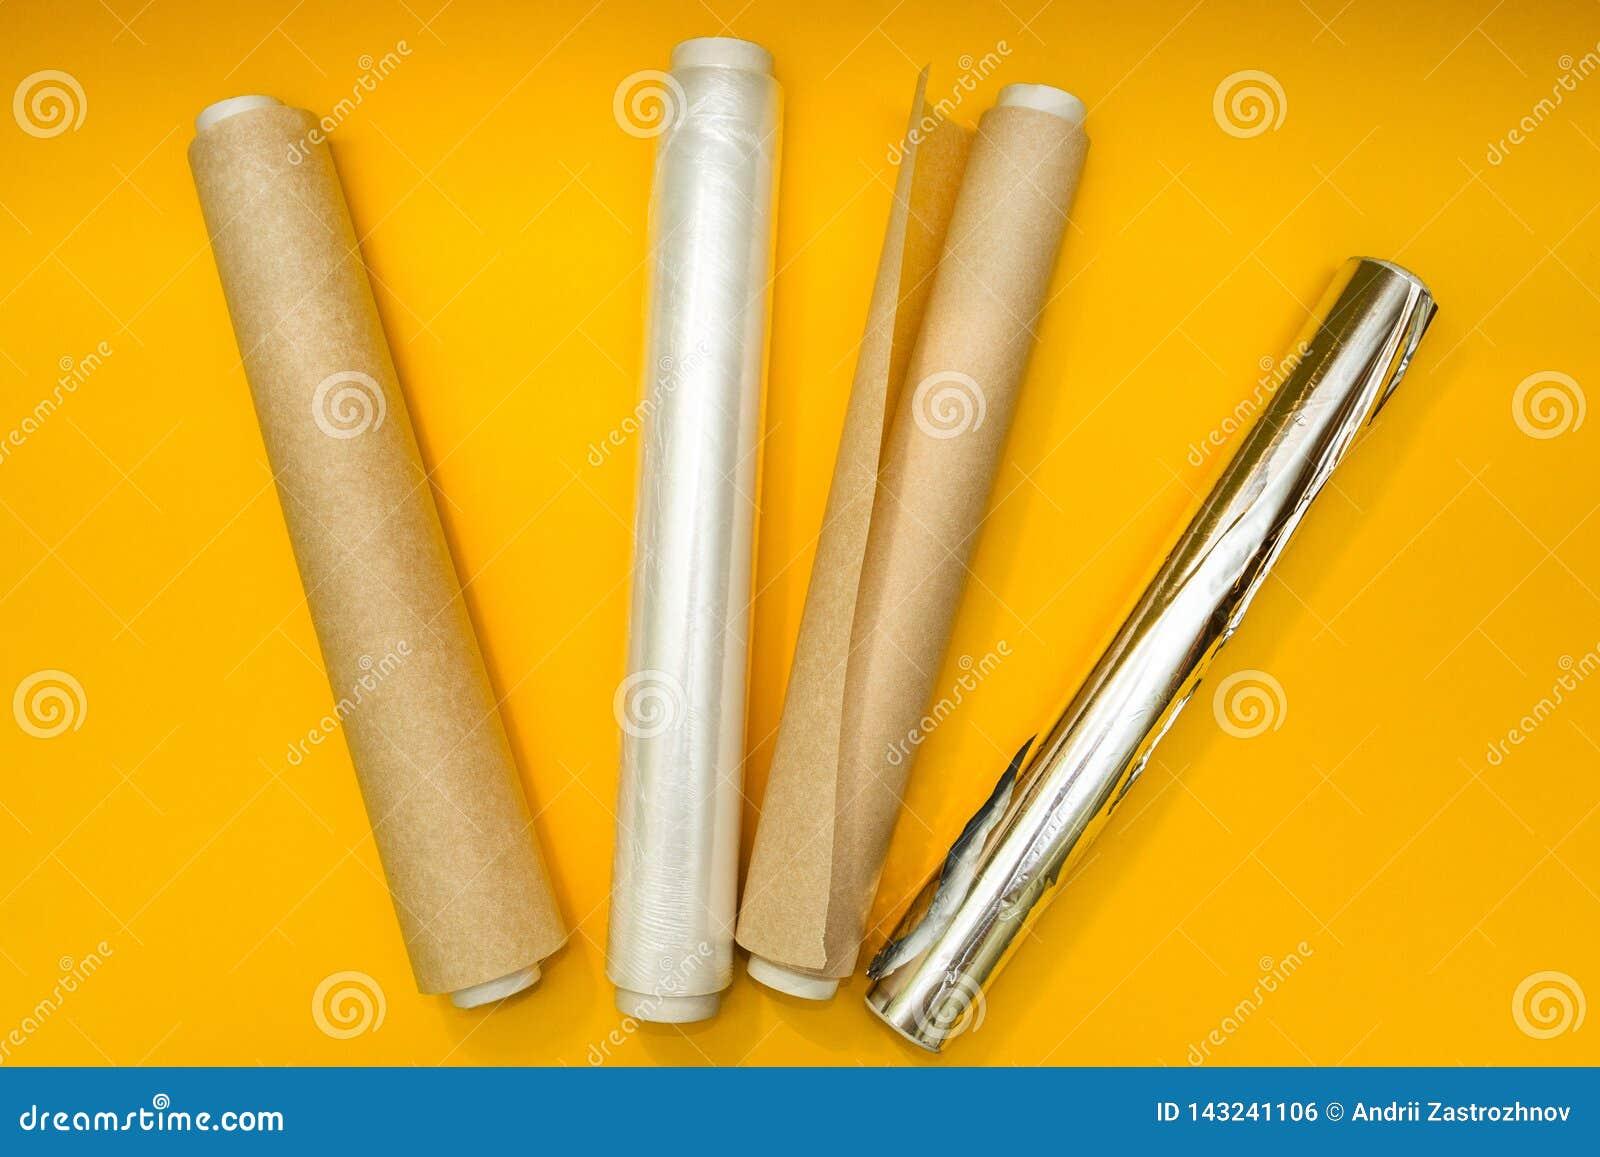 Πλαστικό περικάλυμμα, φύλλο αλουμινίου αργιλίου και ρόλος του εγγράφου περγαμηνής για το κίτρινο υπόβαθρο